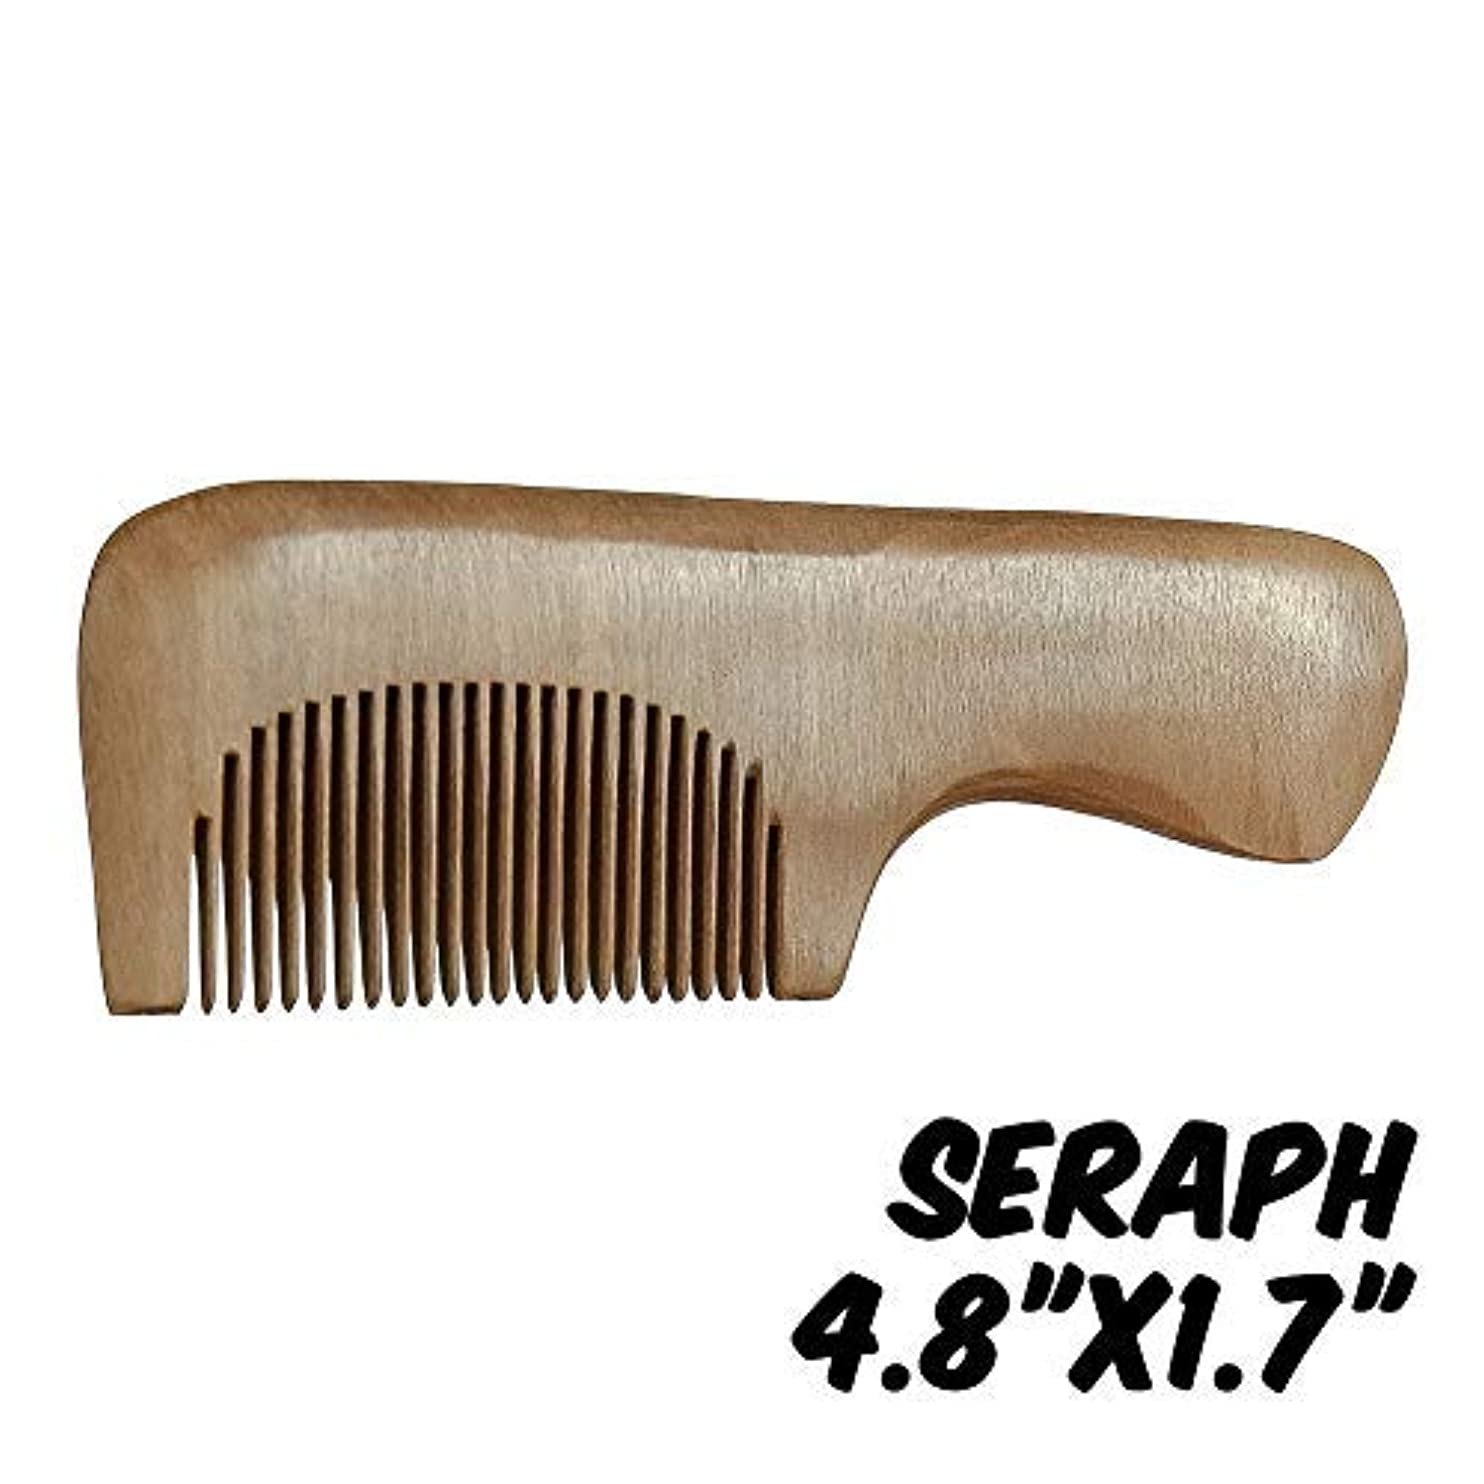 溶接転用トラップMarkin Arts Seraph Series Handmade Natural Organic Indian Lilac Wood Anti-Static Hypoallergenic Pocket Handle Dry Comb Healthy Shiny Hair Beard Bristle Stubble Styling Grooming Brush 4.8